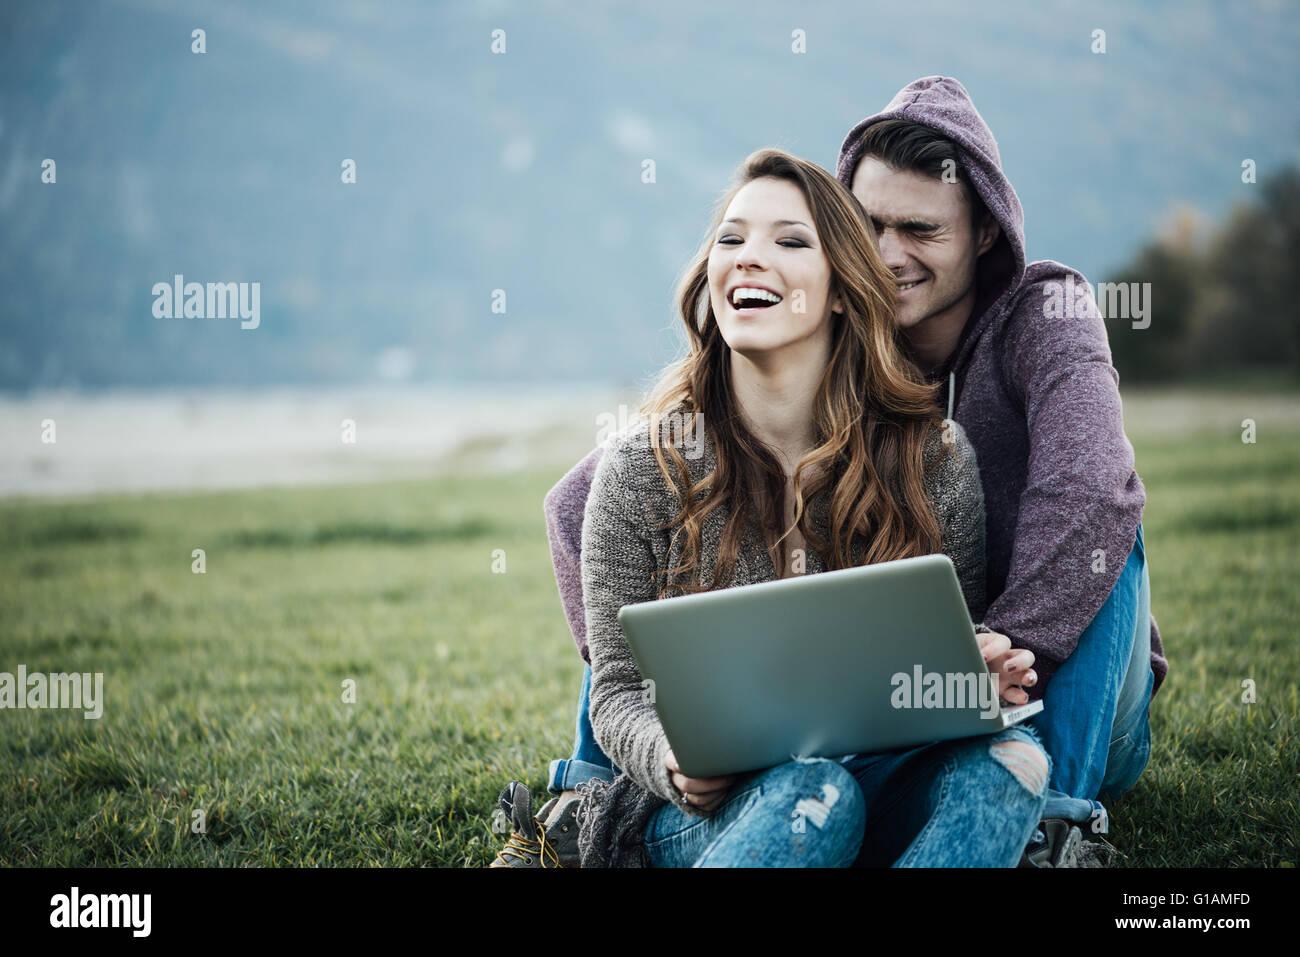 Giocoso coppia giovane seduto sull'erba all'esterno, avvolgente e social networking con un laptop, amore Immagini Stock